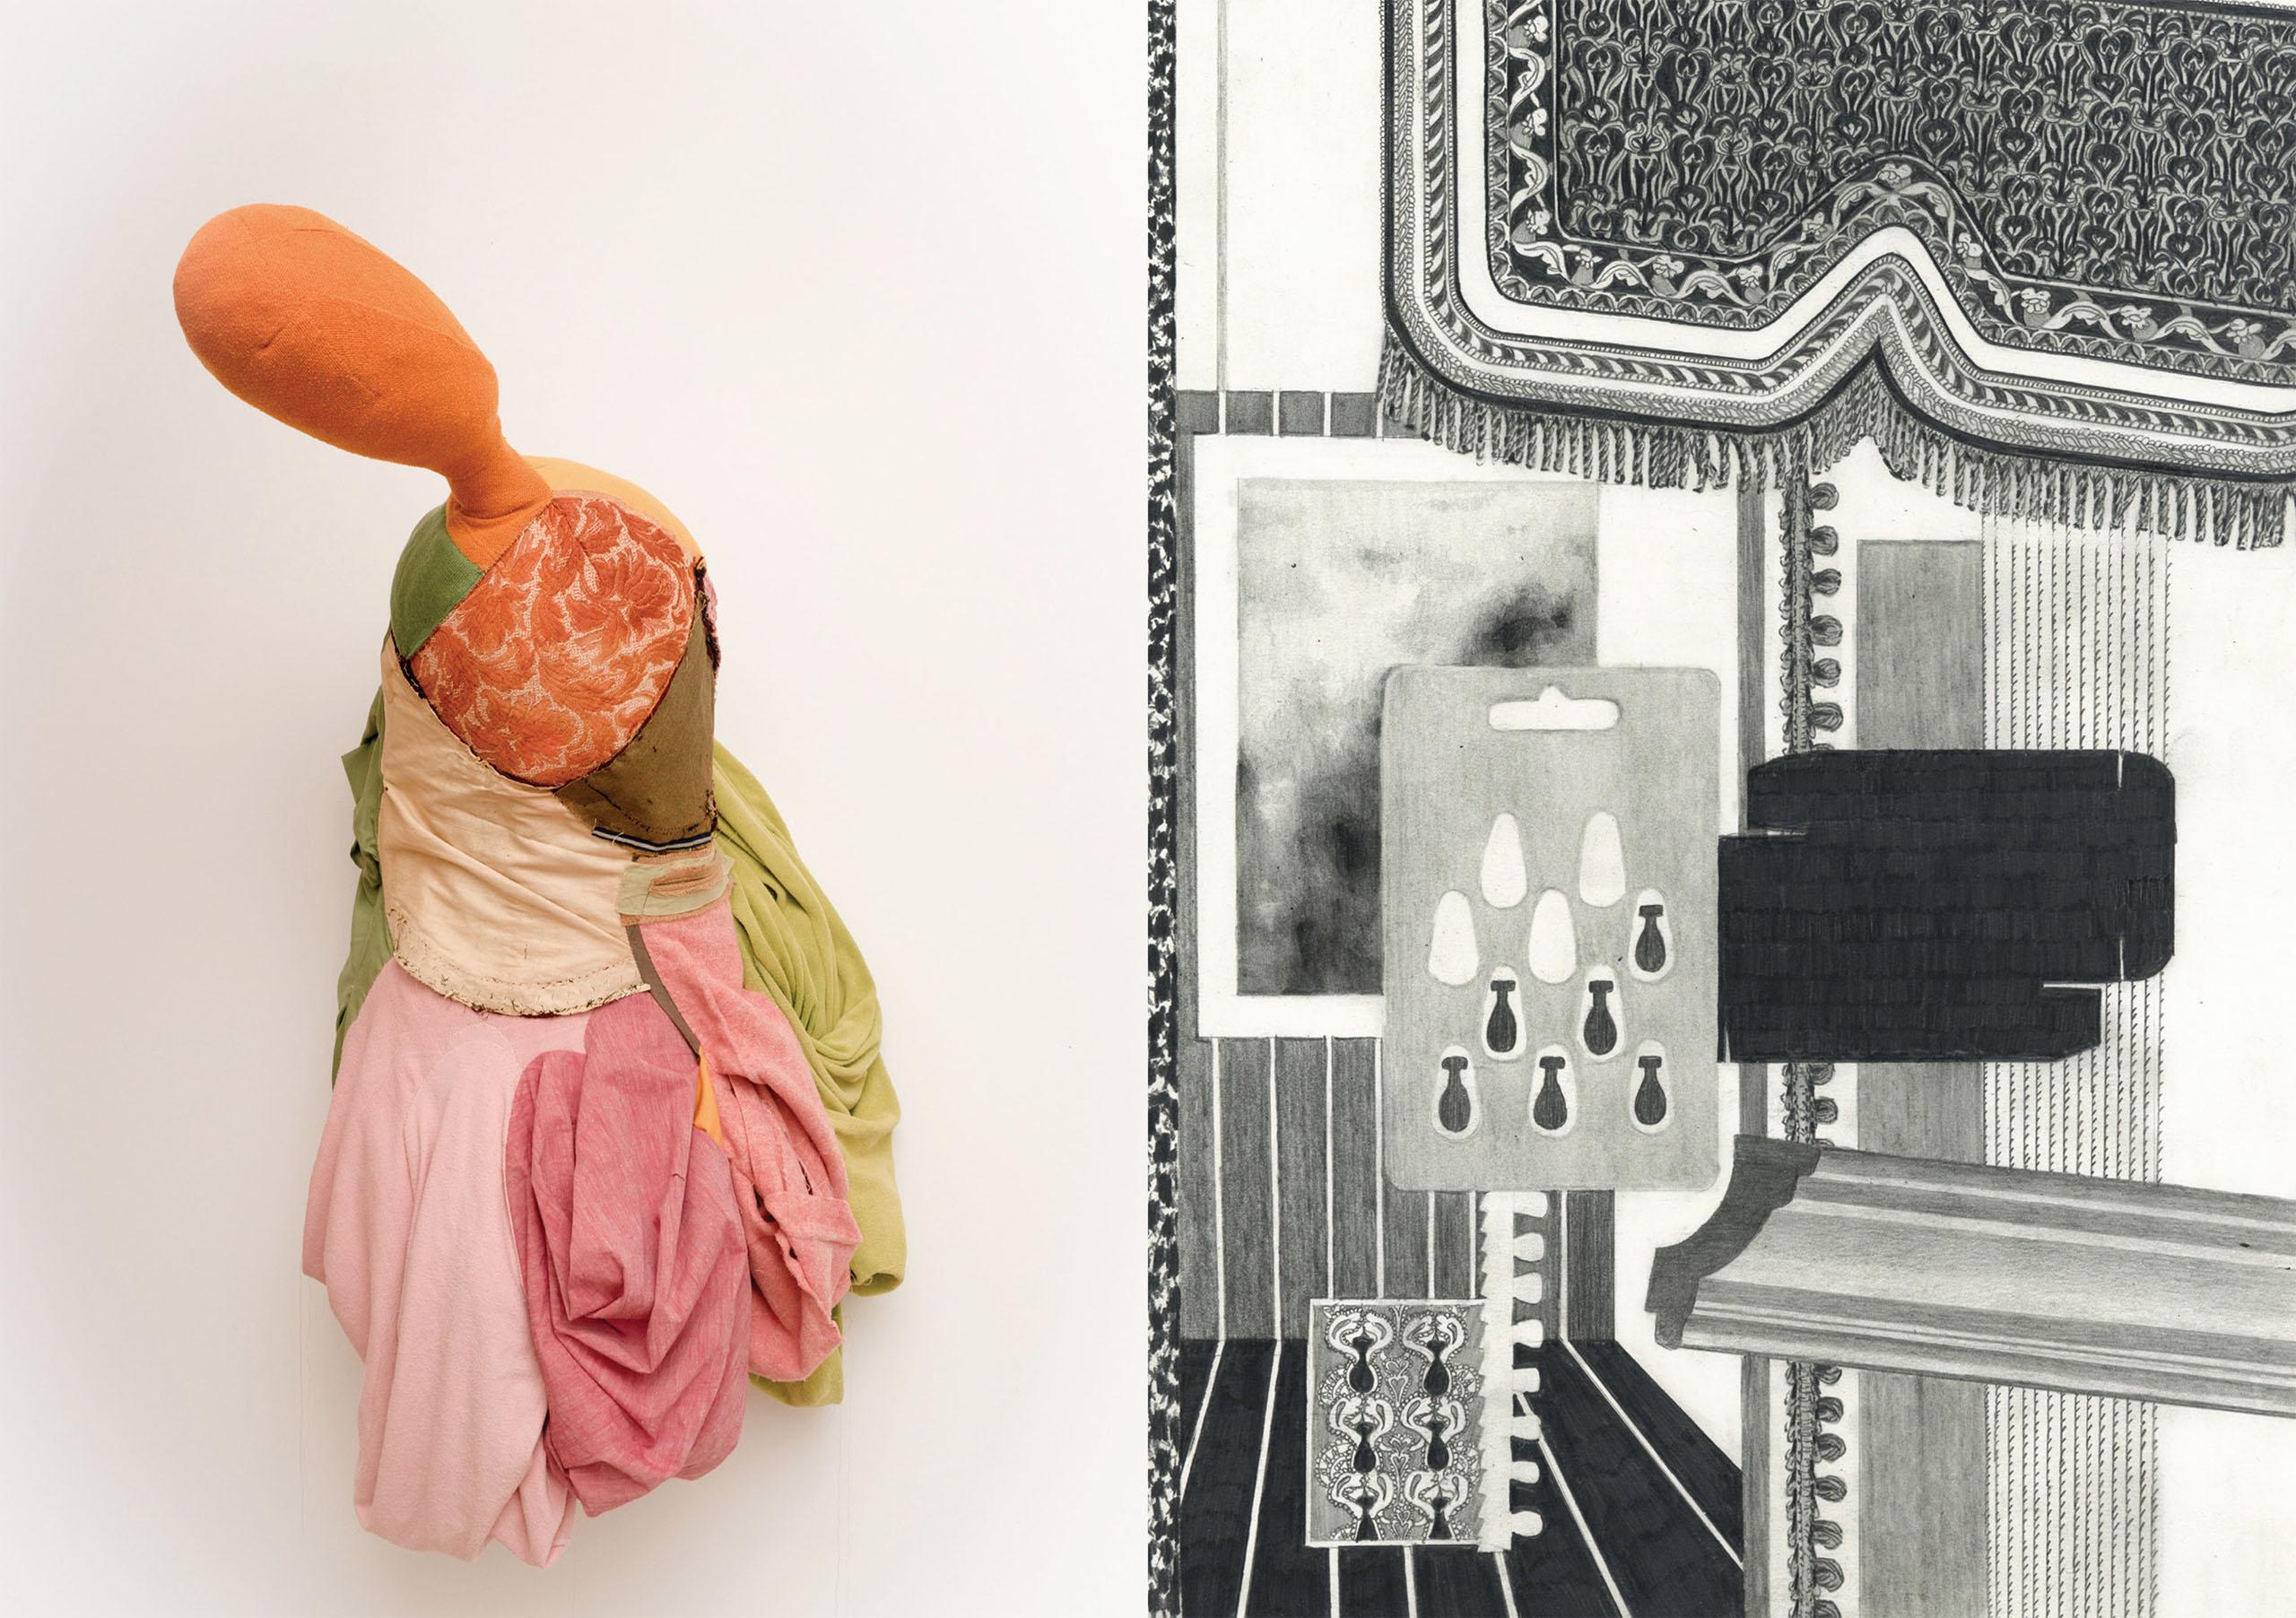 Patrick Roman Scherer - Andrea Vilhena | Einladung 2019 | Galerie3